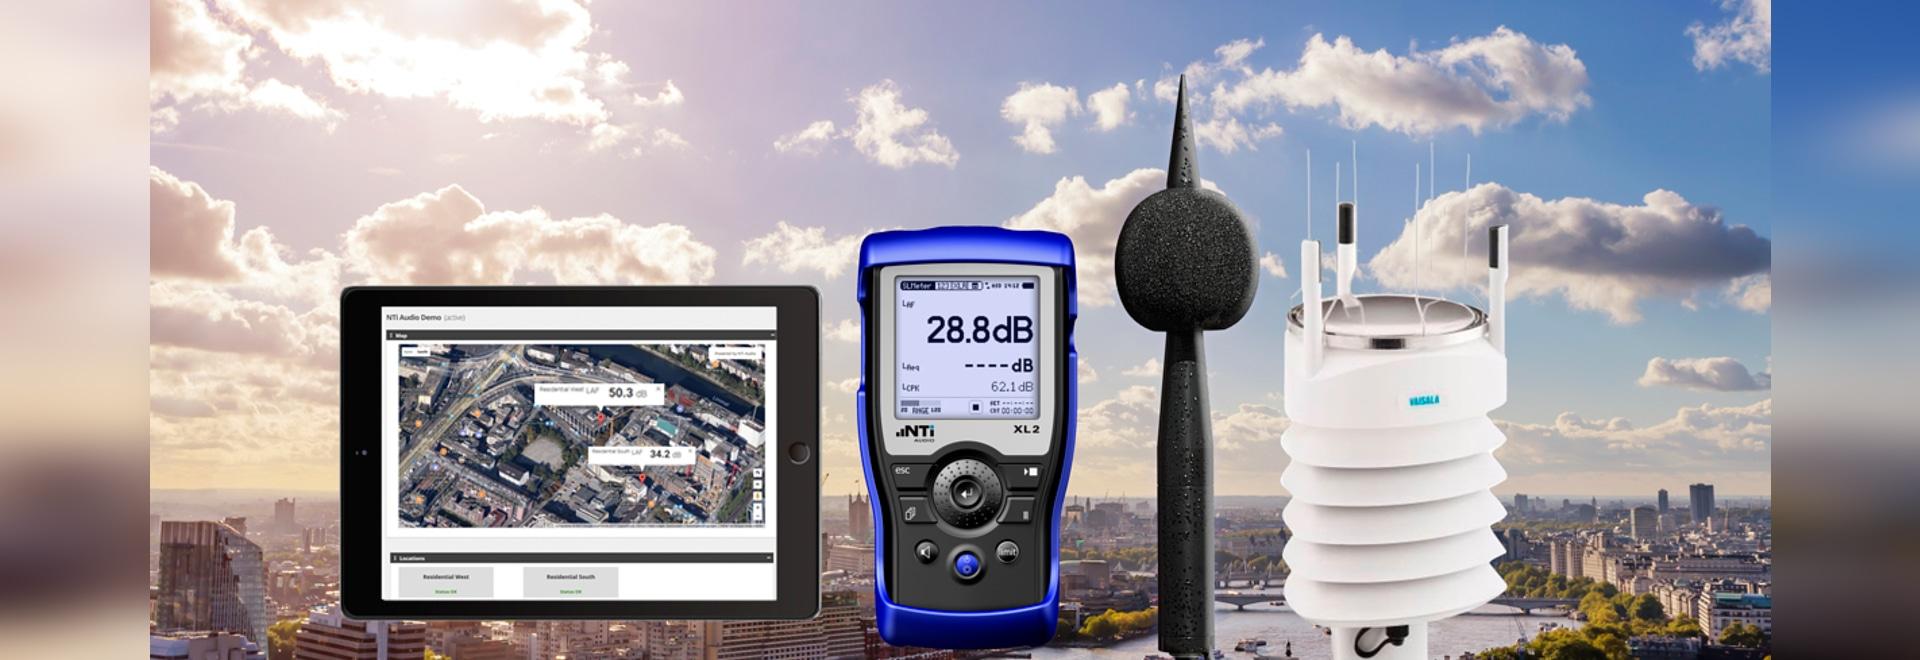 Autarke Lärmmessung: neu mit Erfassung von Wetterdaten